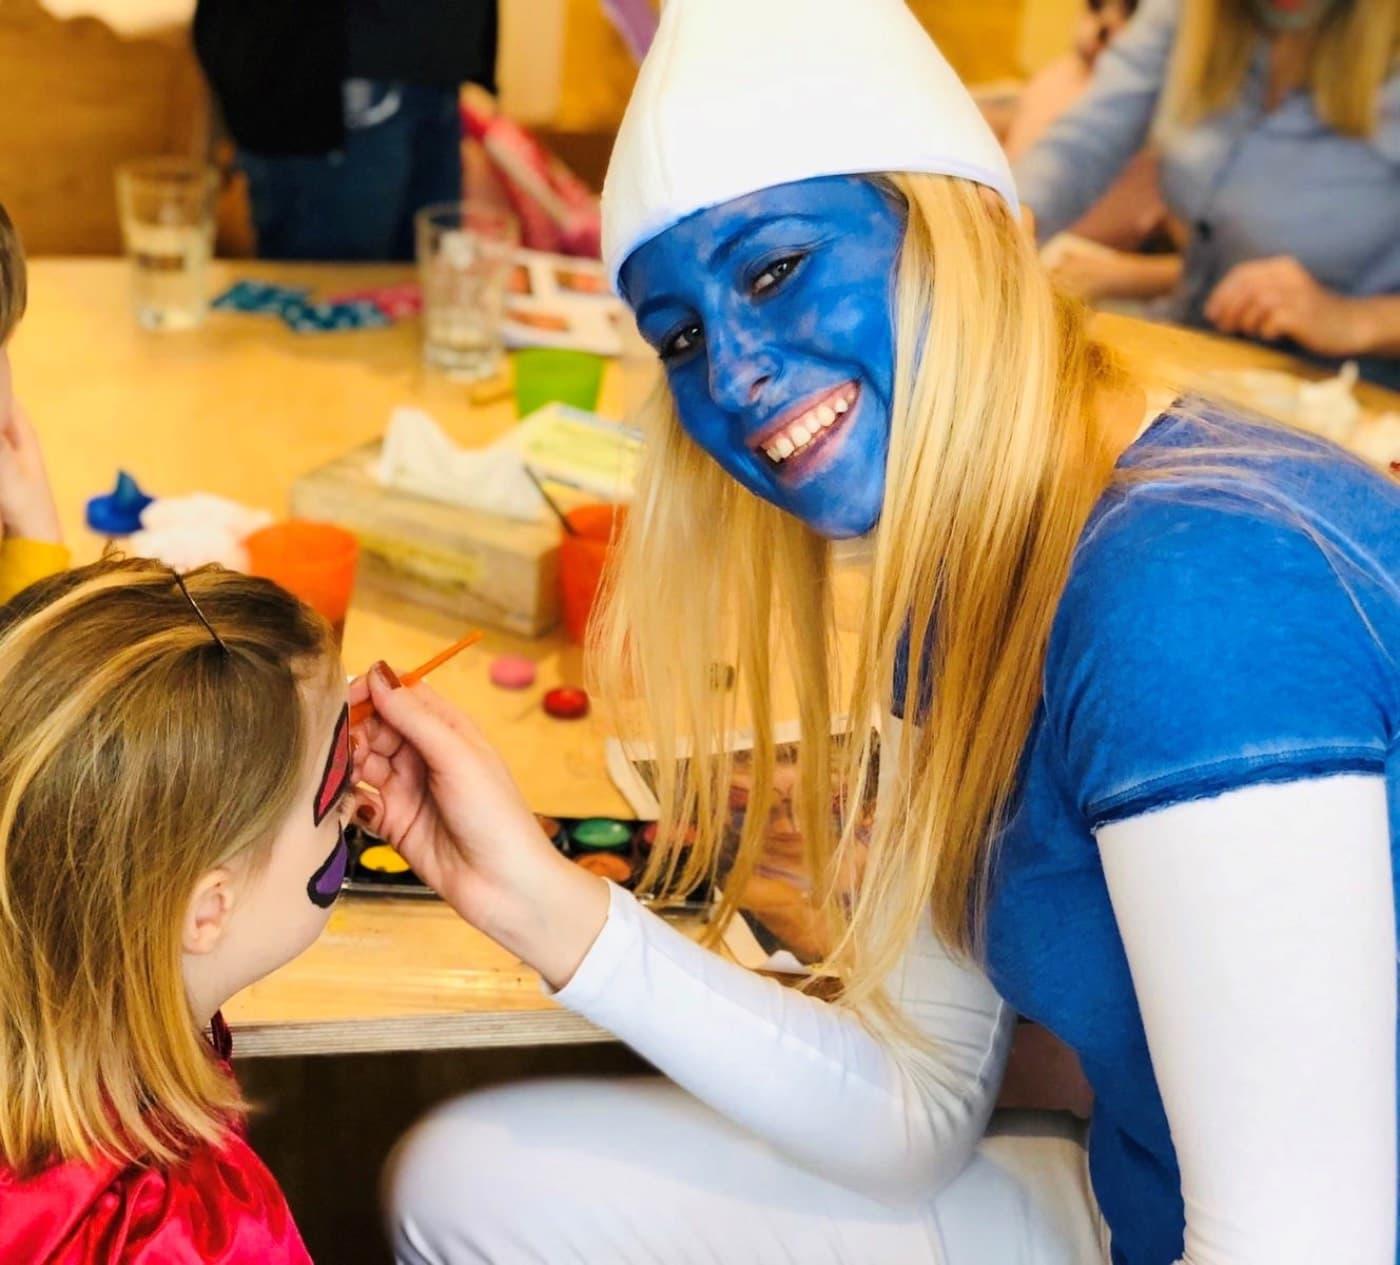 Münchner Kindertag 2021 beim Kindercafé Zuckertag // HIMBEER